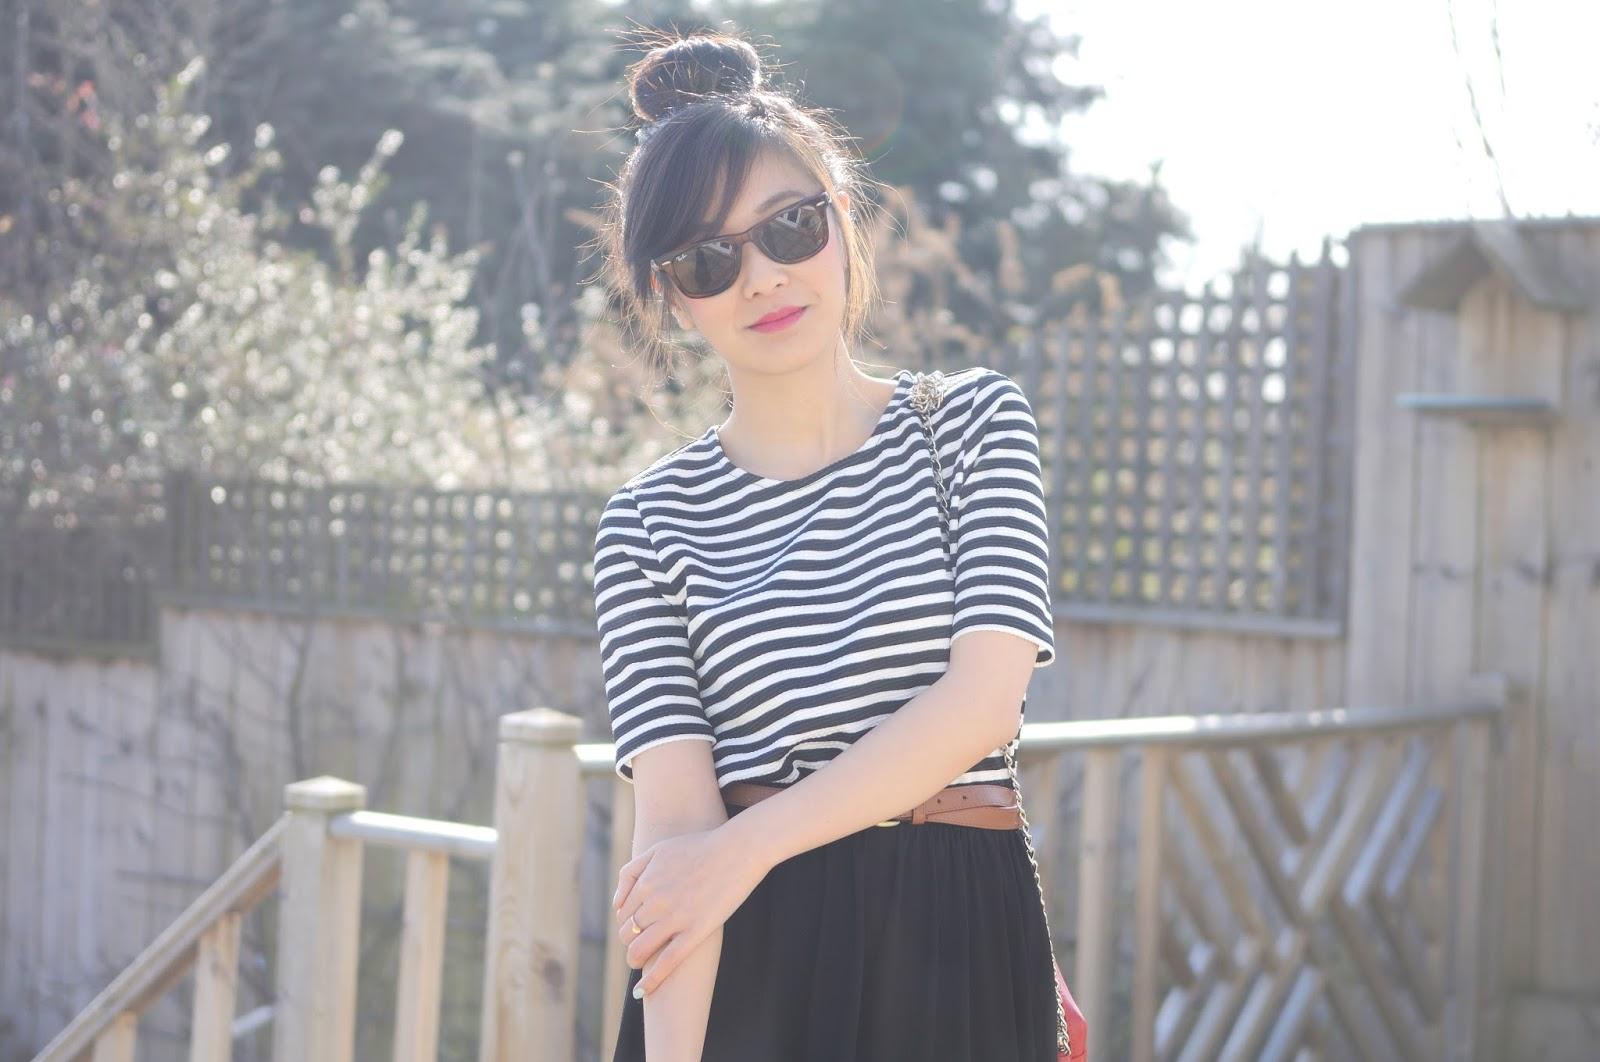 fashion blog uk, fashion bloggers uk